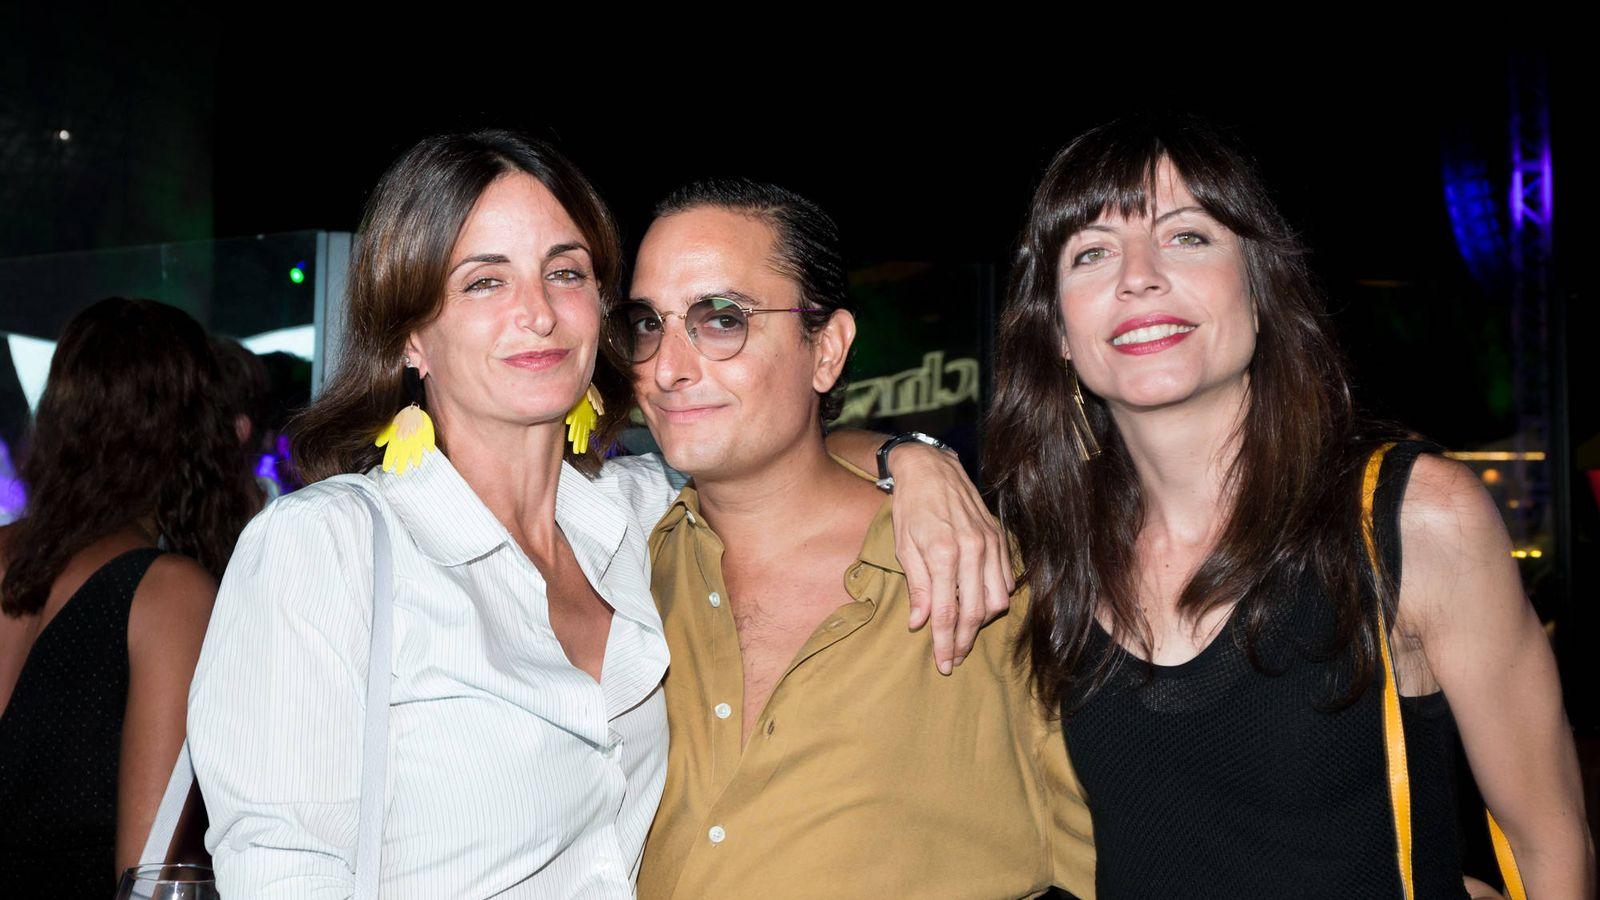 Foto: María Fitz-James, Josie y Alejandra de Borbón, en la fiesta Vanitatis Style que se celebró en la gala Starlite. (Foto: Helena Sánchez)